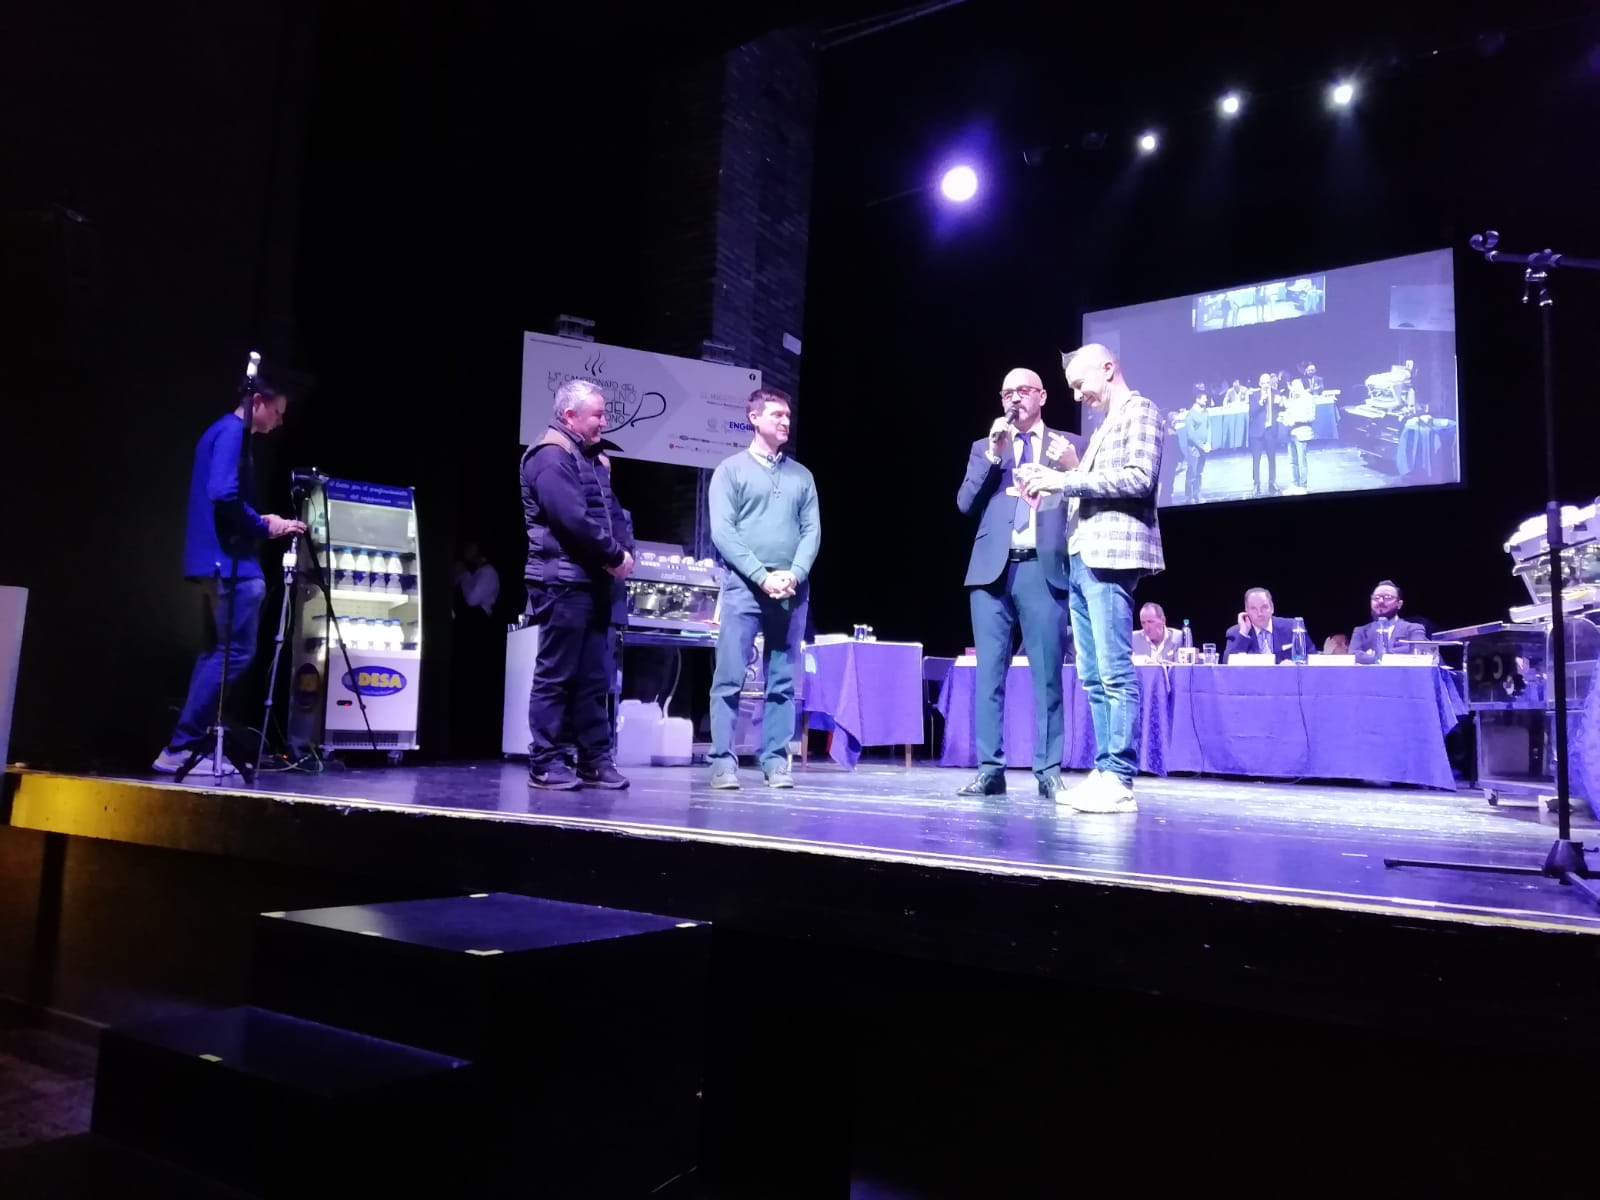 Campionato del Cappuccino Arturo Bracchetti sul palco